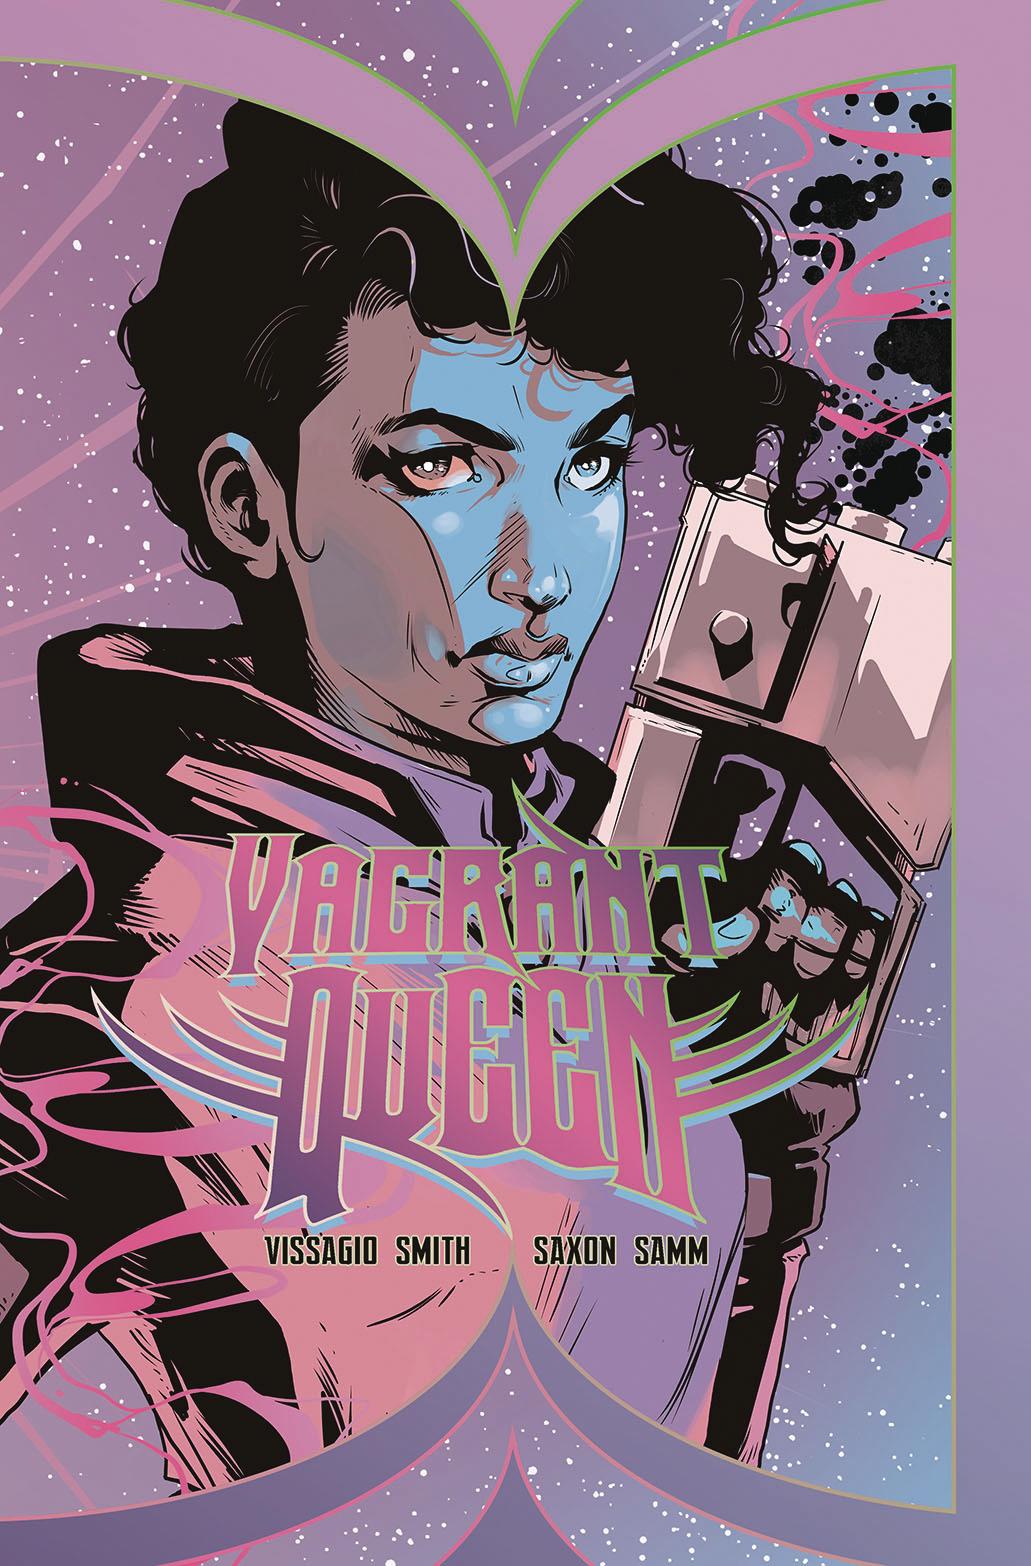 Vagrant Queen Volume 1 TP